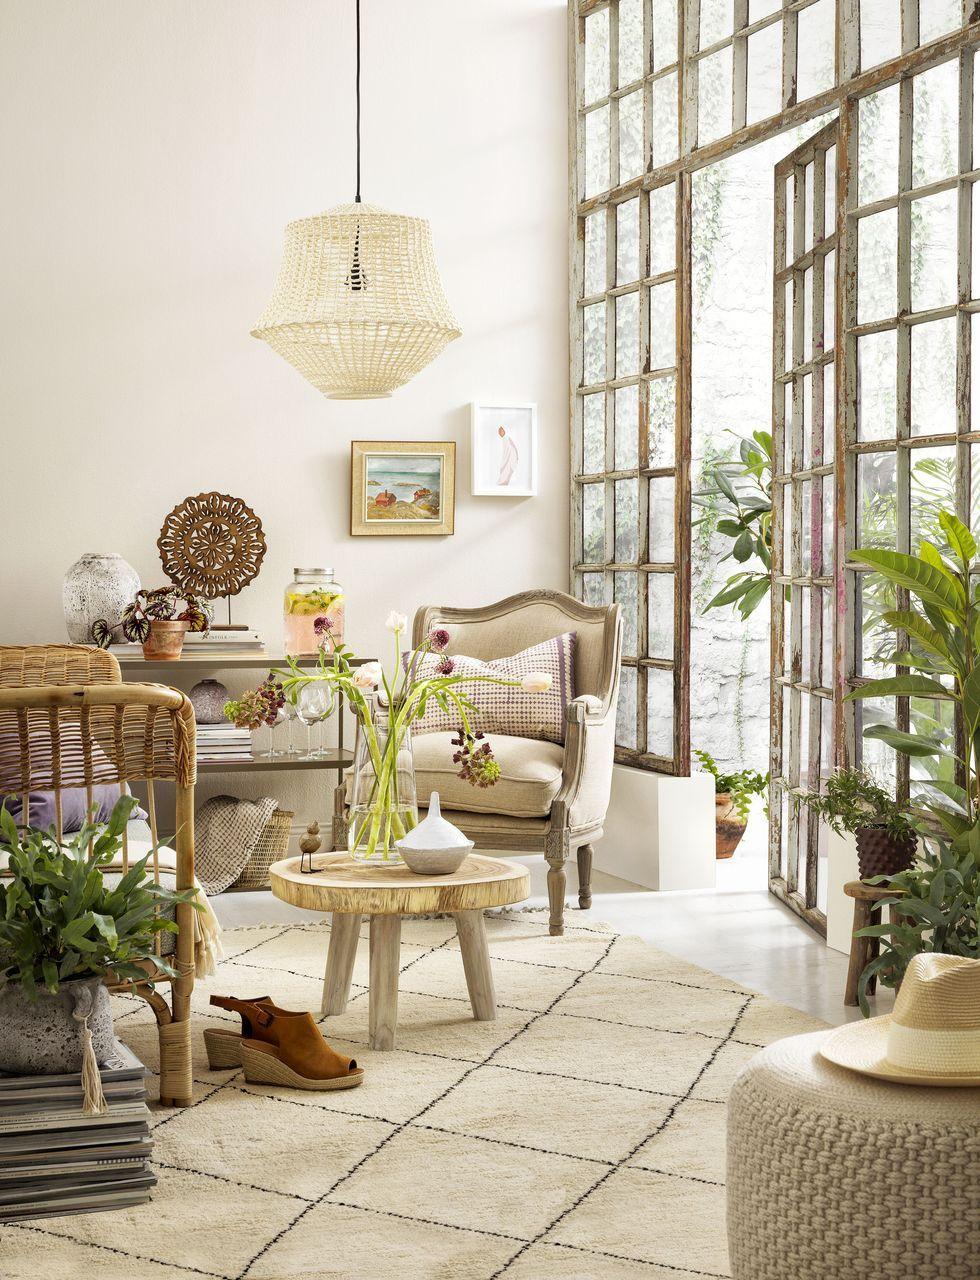 Photo of Slik gir du uterommet ditt en bohemisk og rustikk stil for sommeren – House …